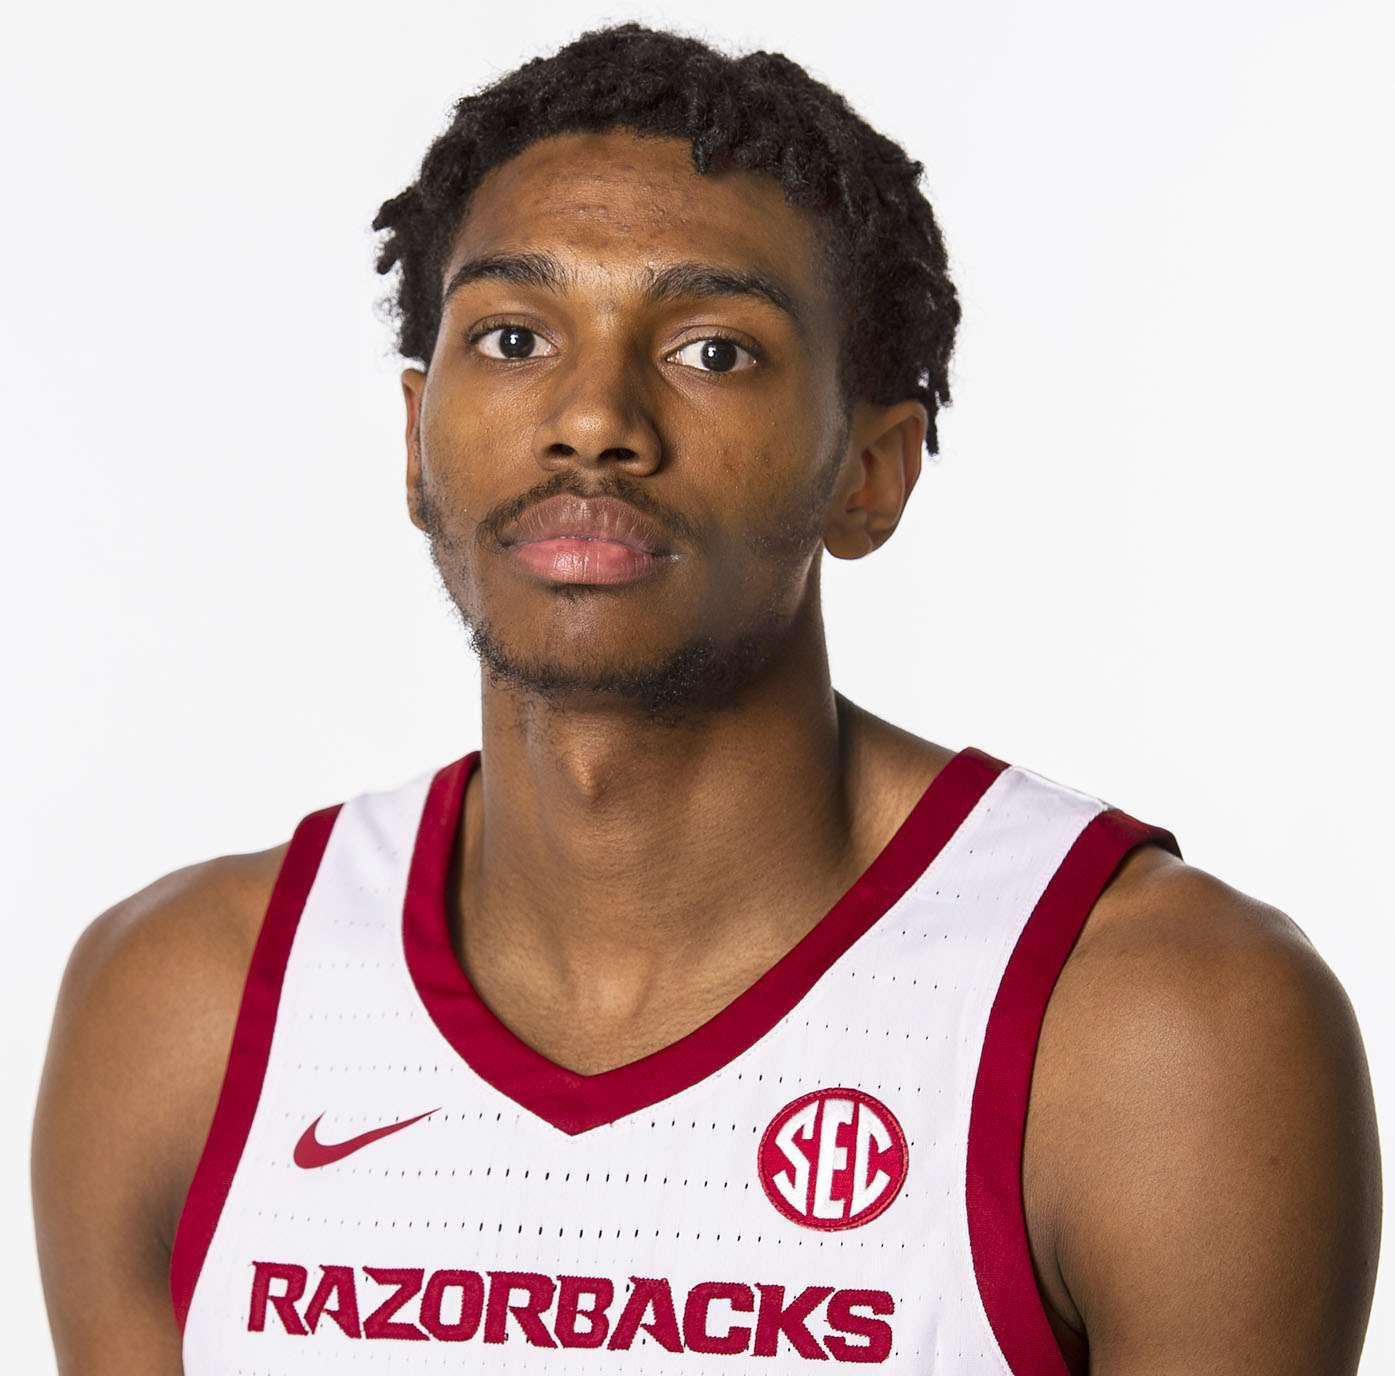 Jimmy Whitt Jr. - Men's Basketball - Arkansas Razorbacks